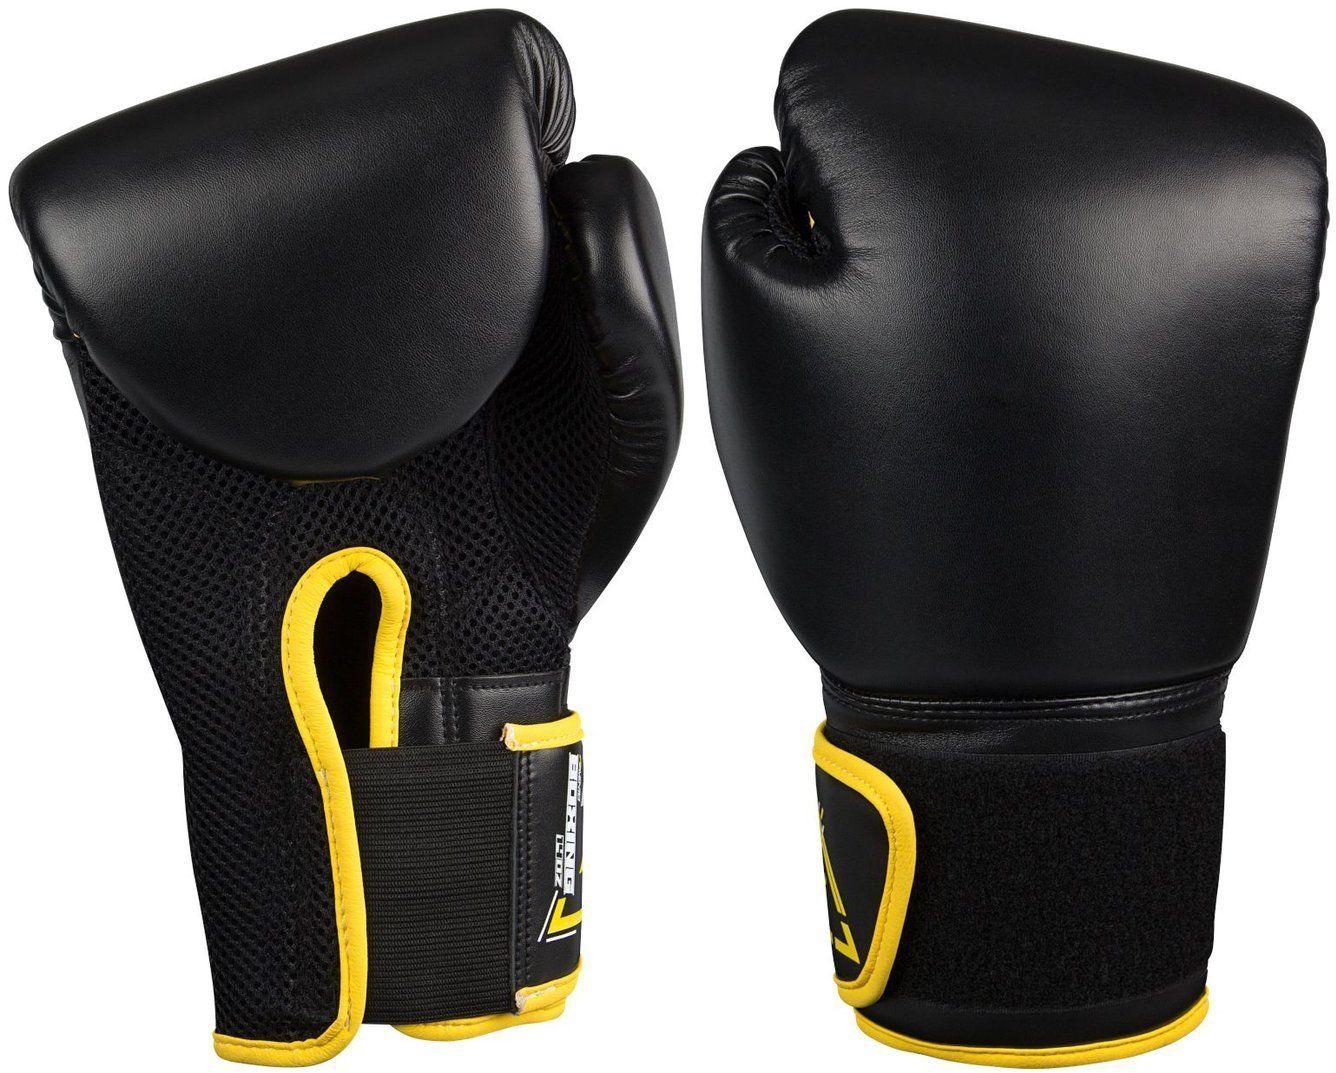 Rękawice bokserskie treningowe Avento 14 oz